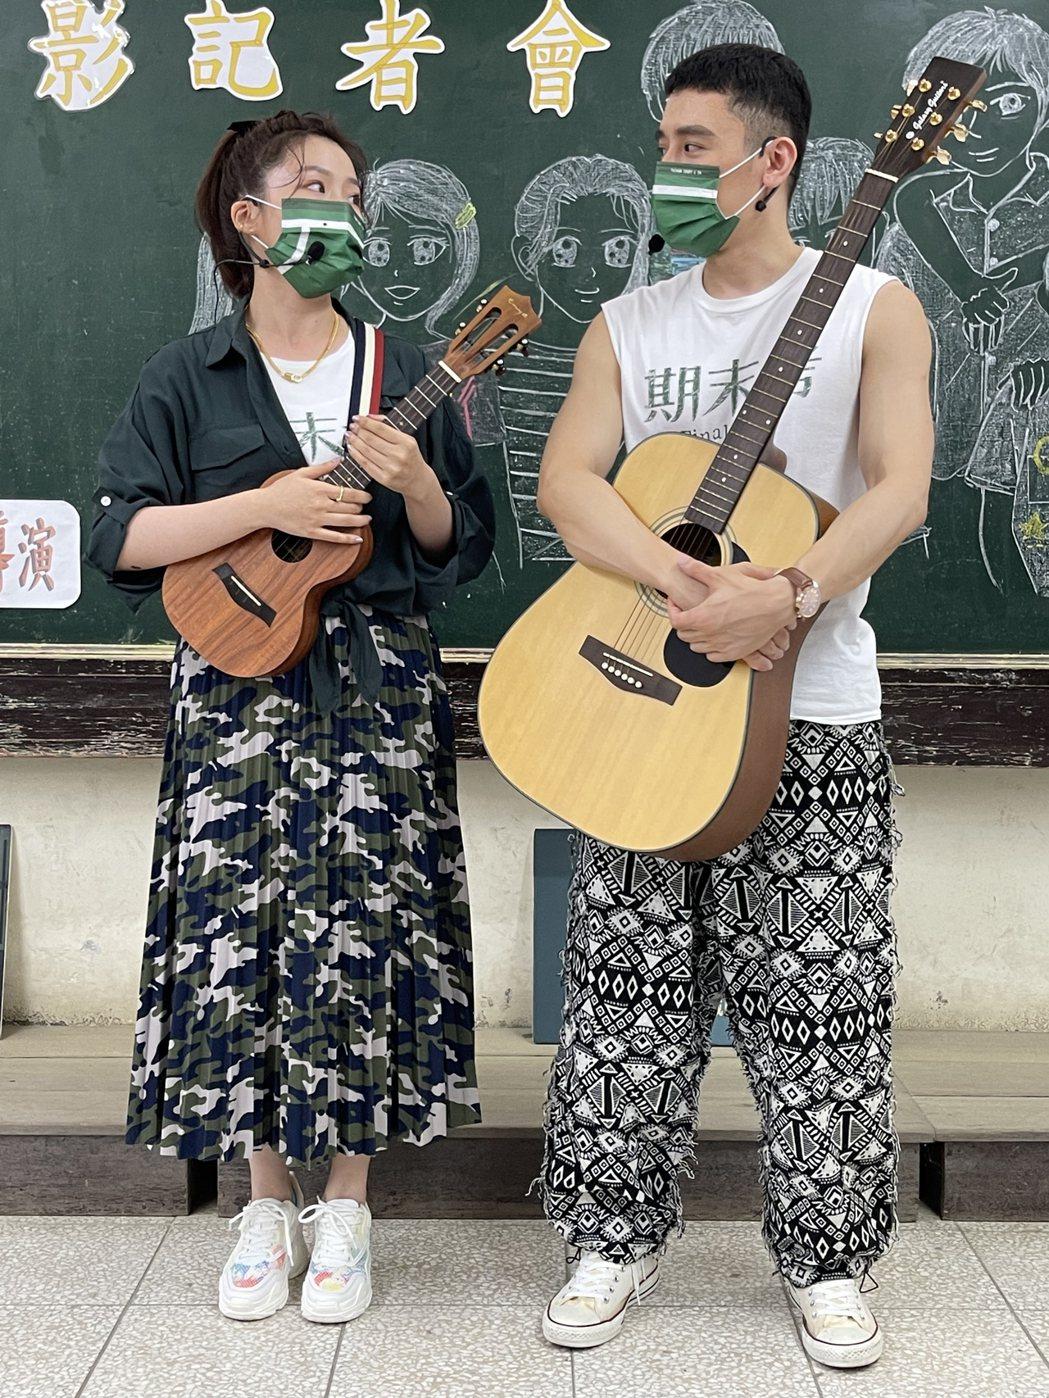 楊小黎(左)和邱志宇(右)現場演唱主題曲。圖/海鵬影業提供